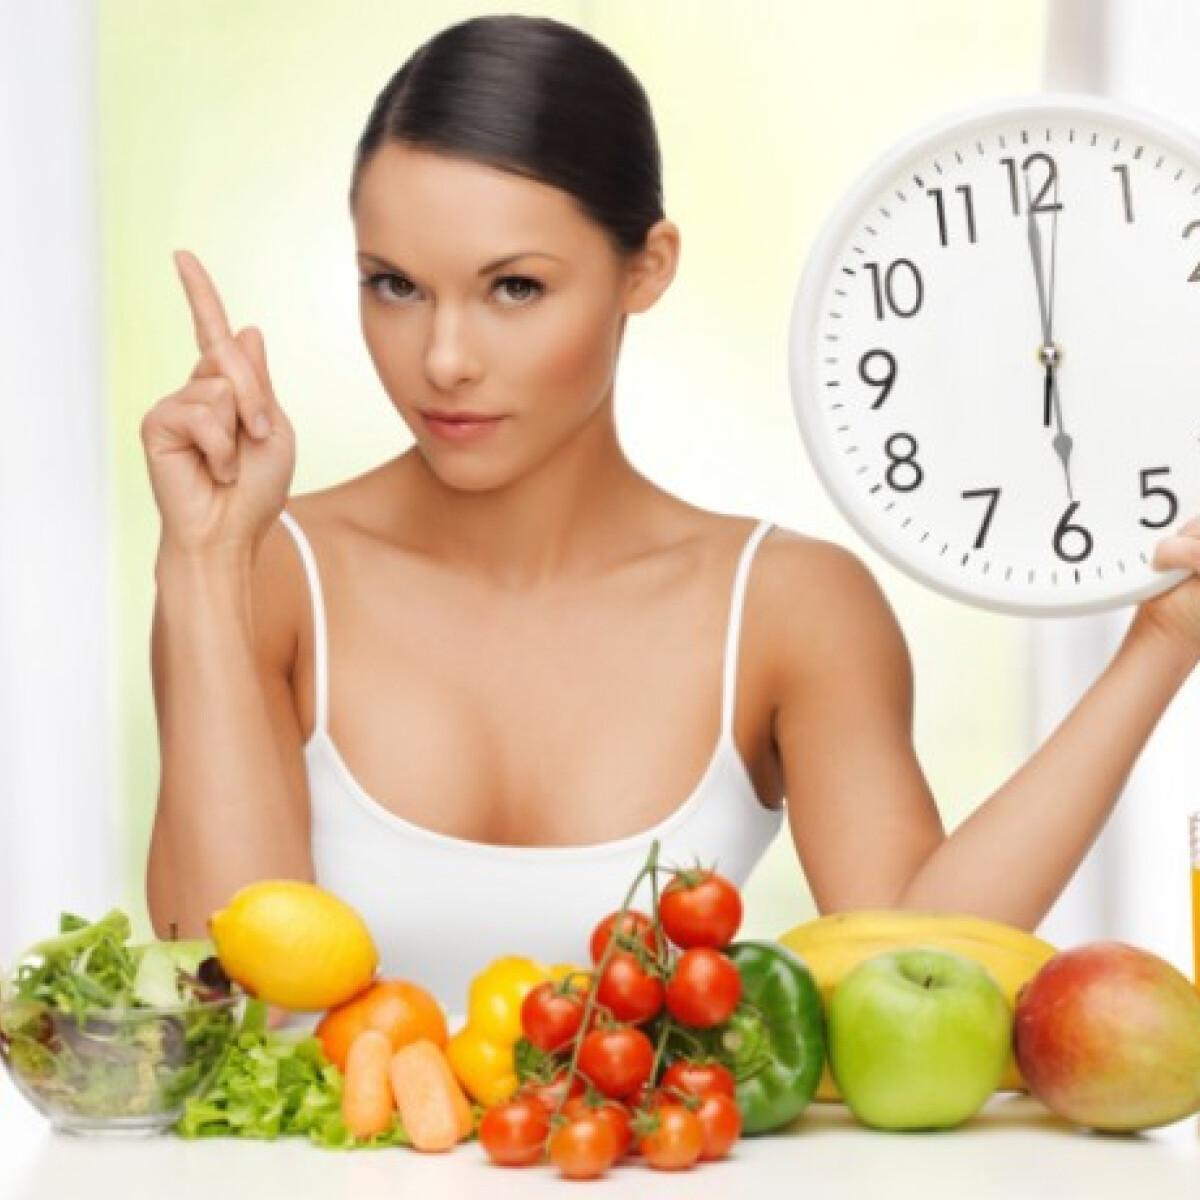 Mennyire lehet fogyni azzal a módszerrel, hogy este 6 után nem eszik az ember semmit?